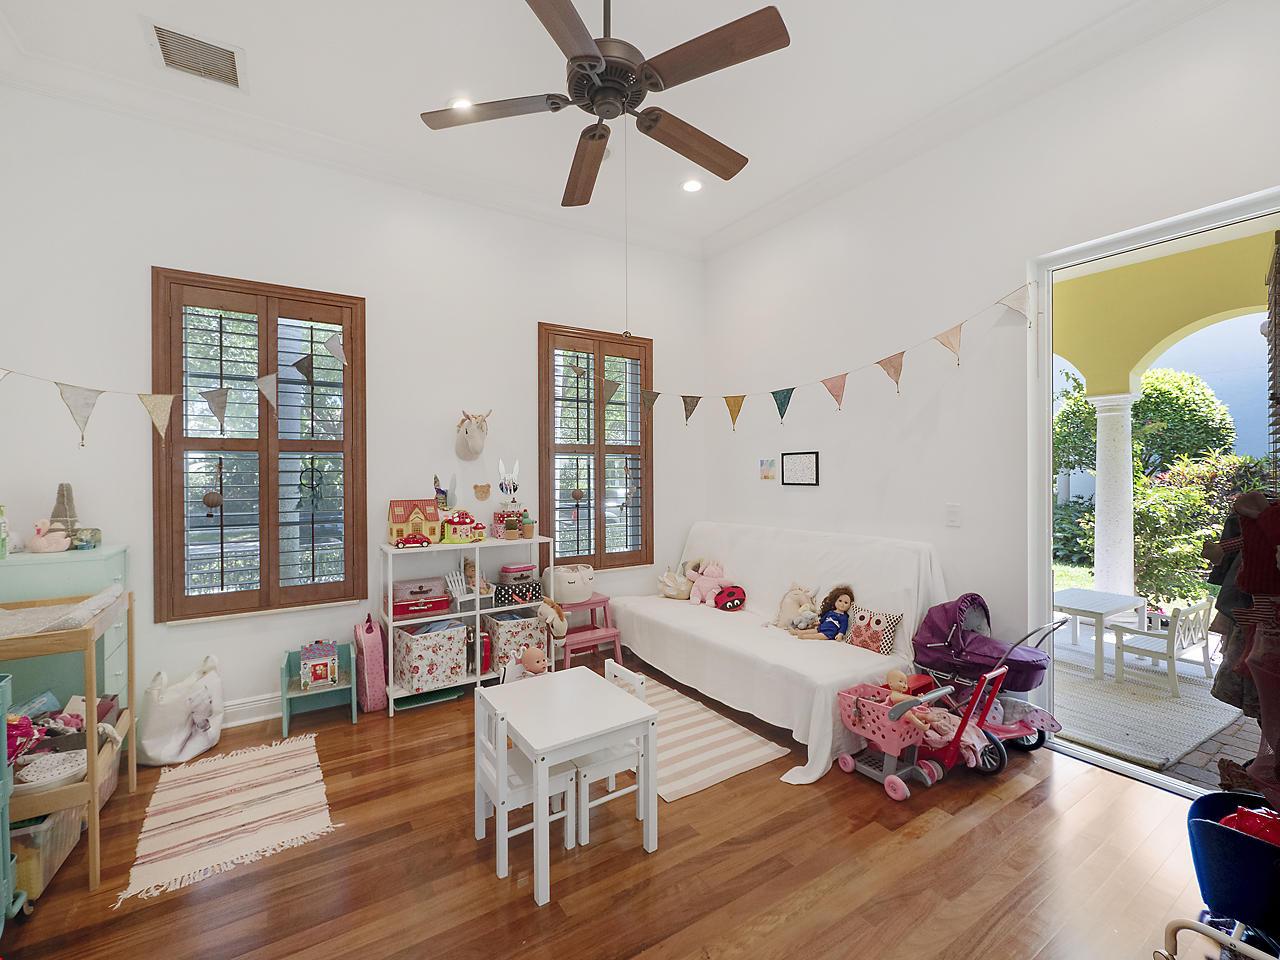 106 Santander Drive  - Abacoa Homes - photo 18